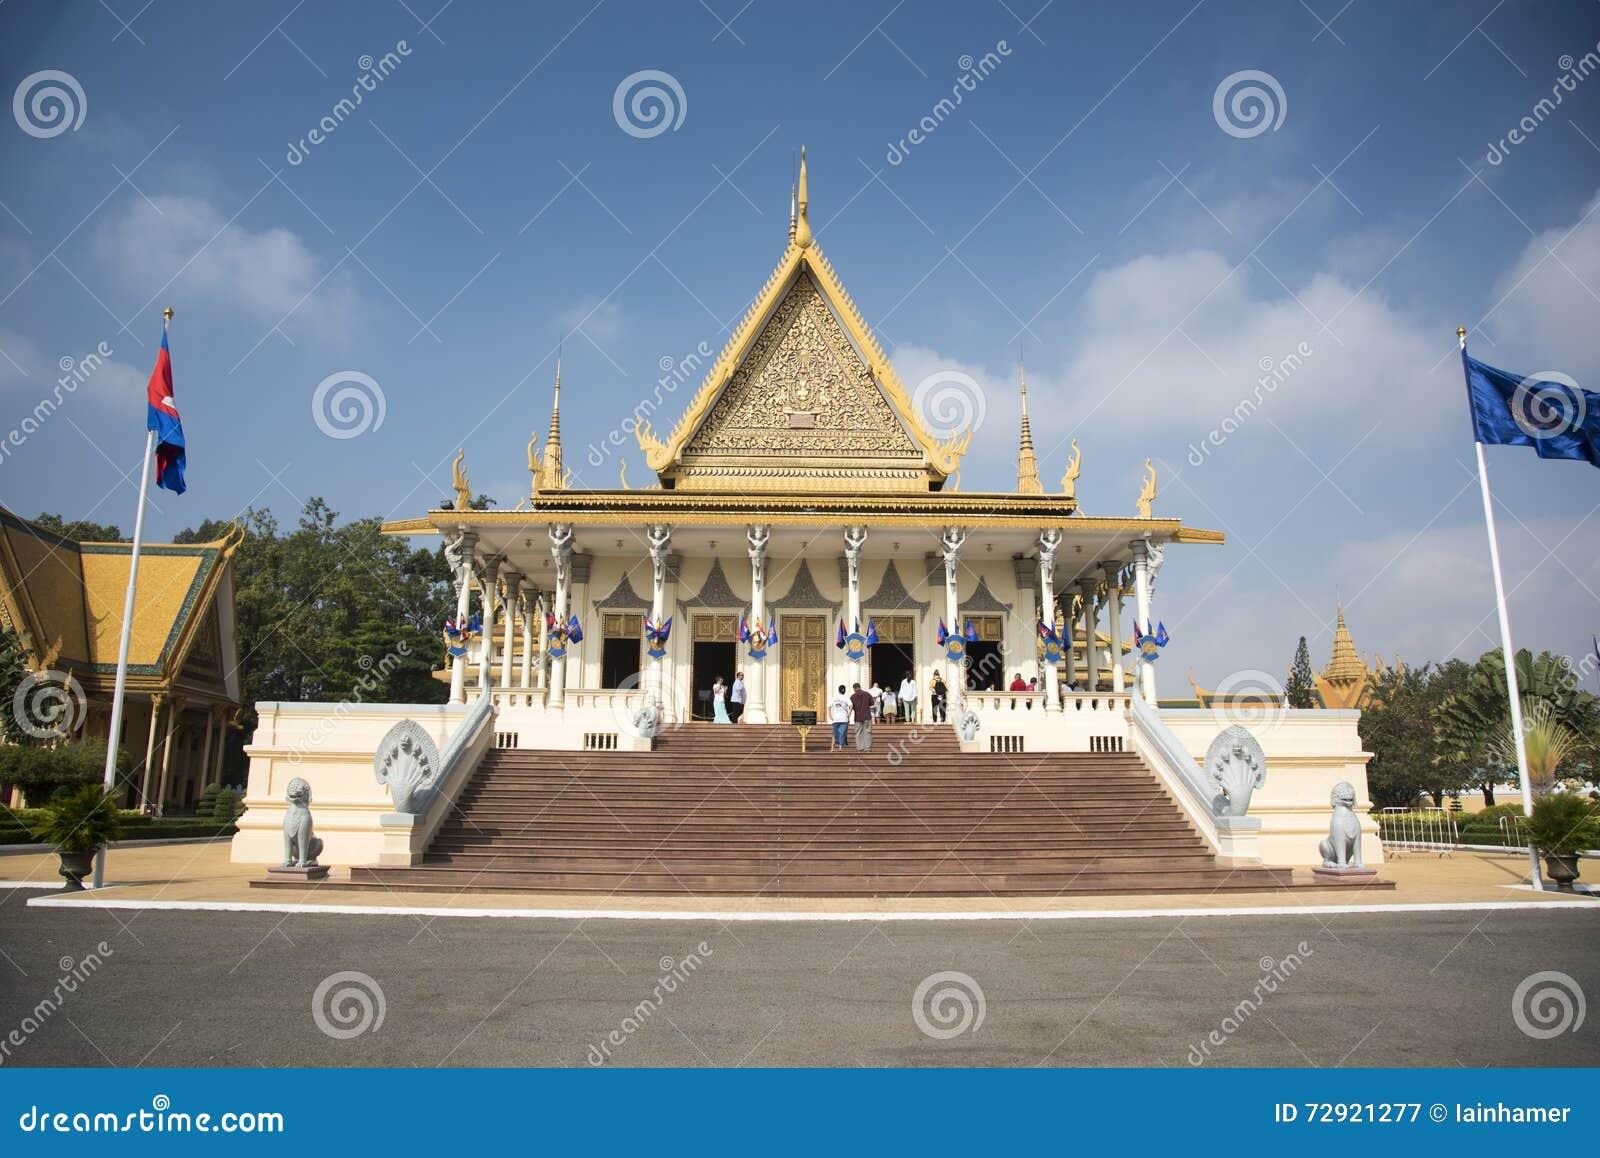 王宫金边柬埔寨